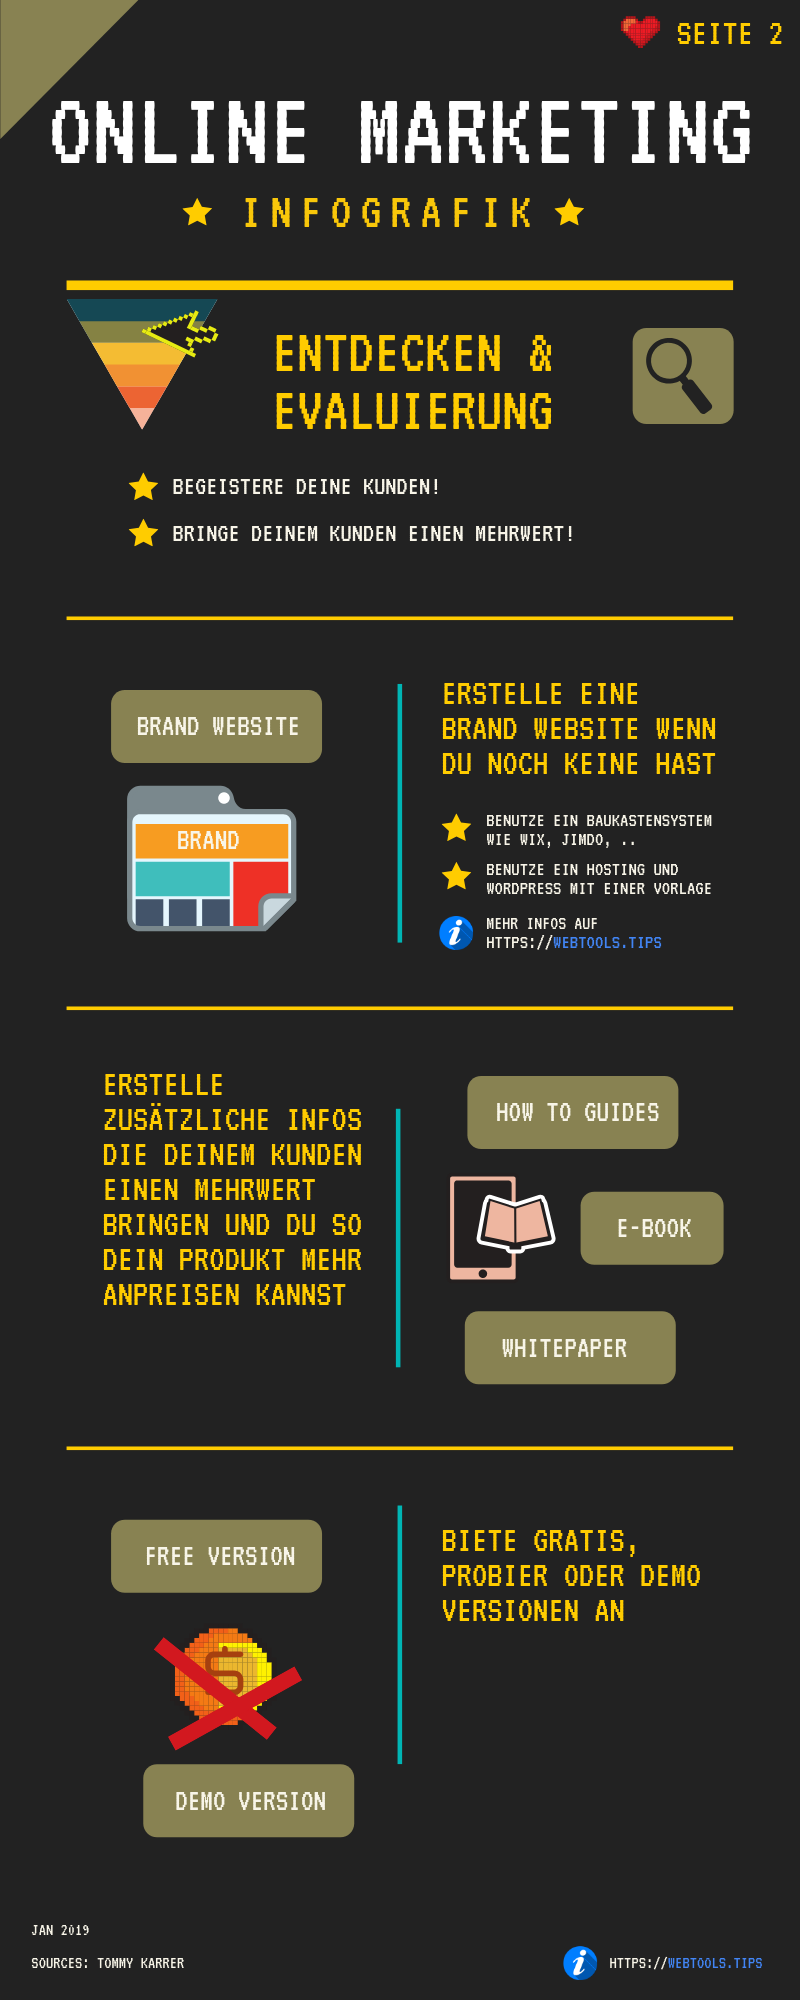 Infografik Online Marketing - Seite2